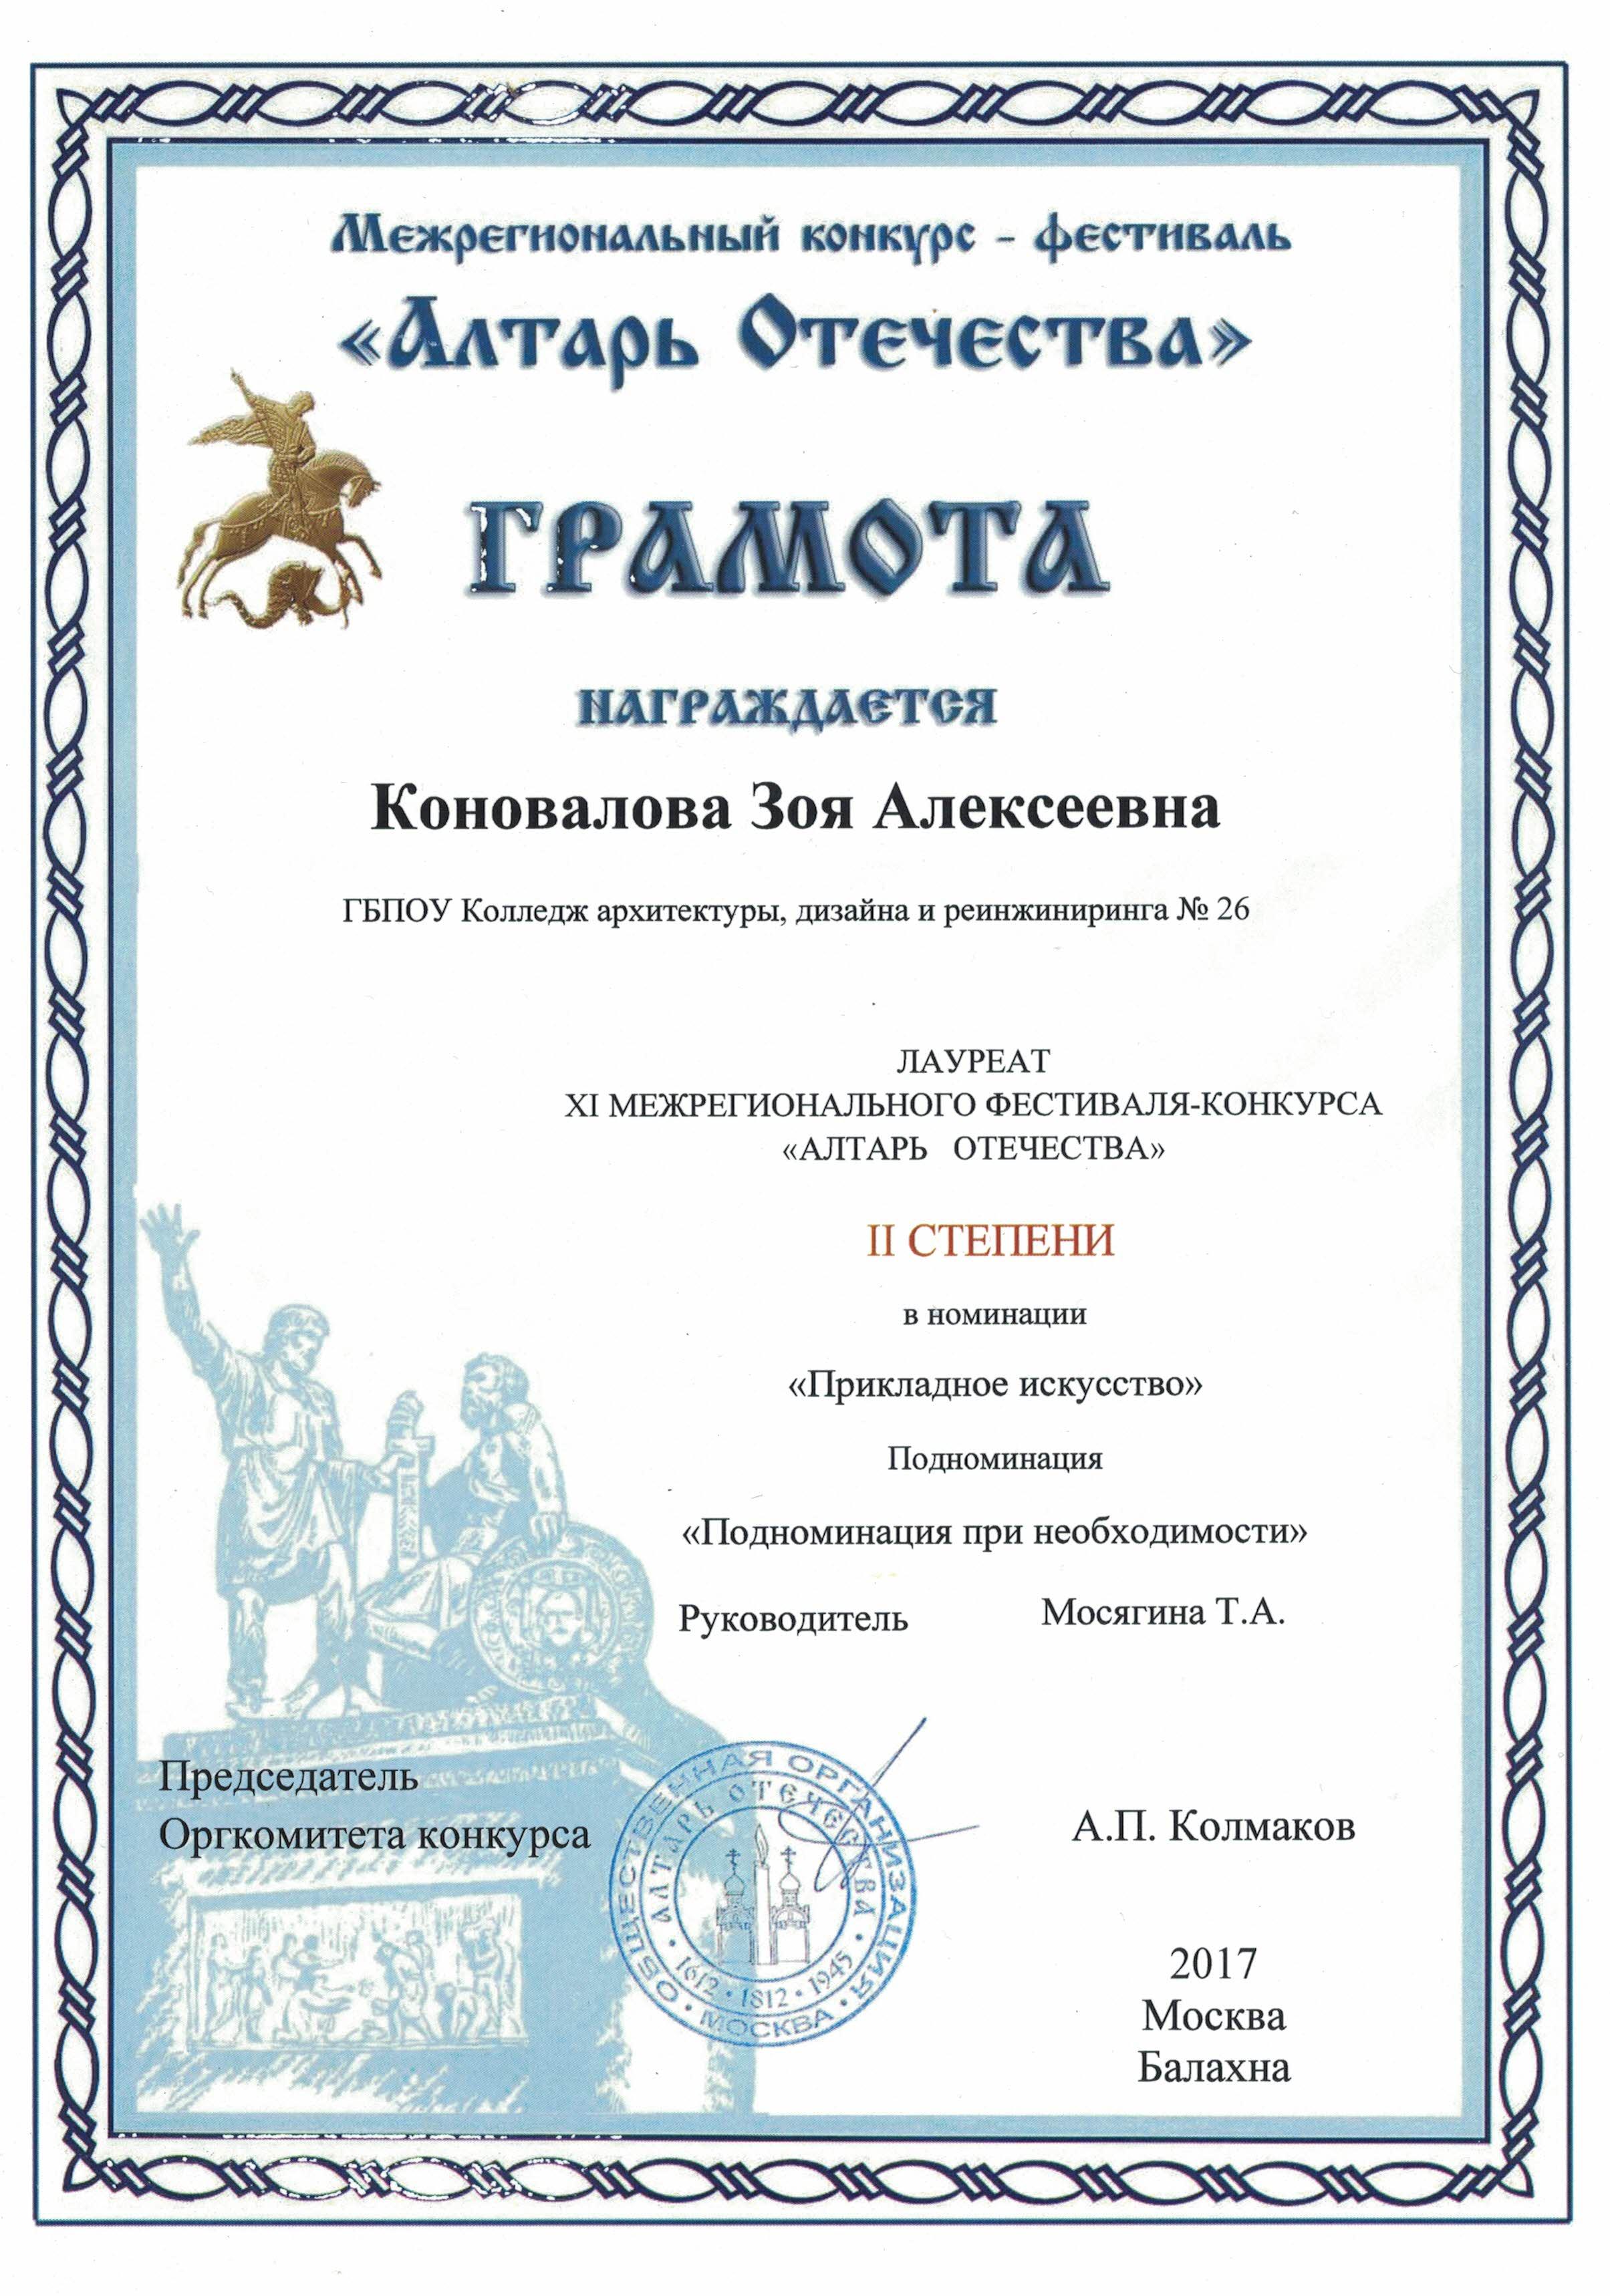 Межрегиональный конкурс Алтарь Отечества